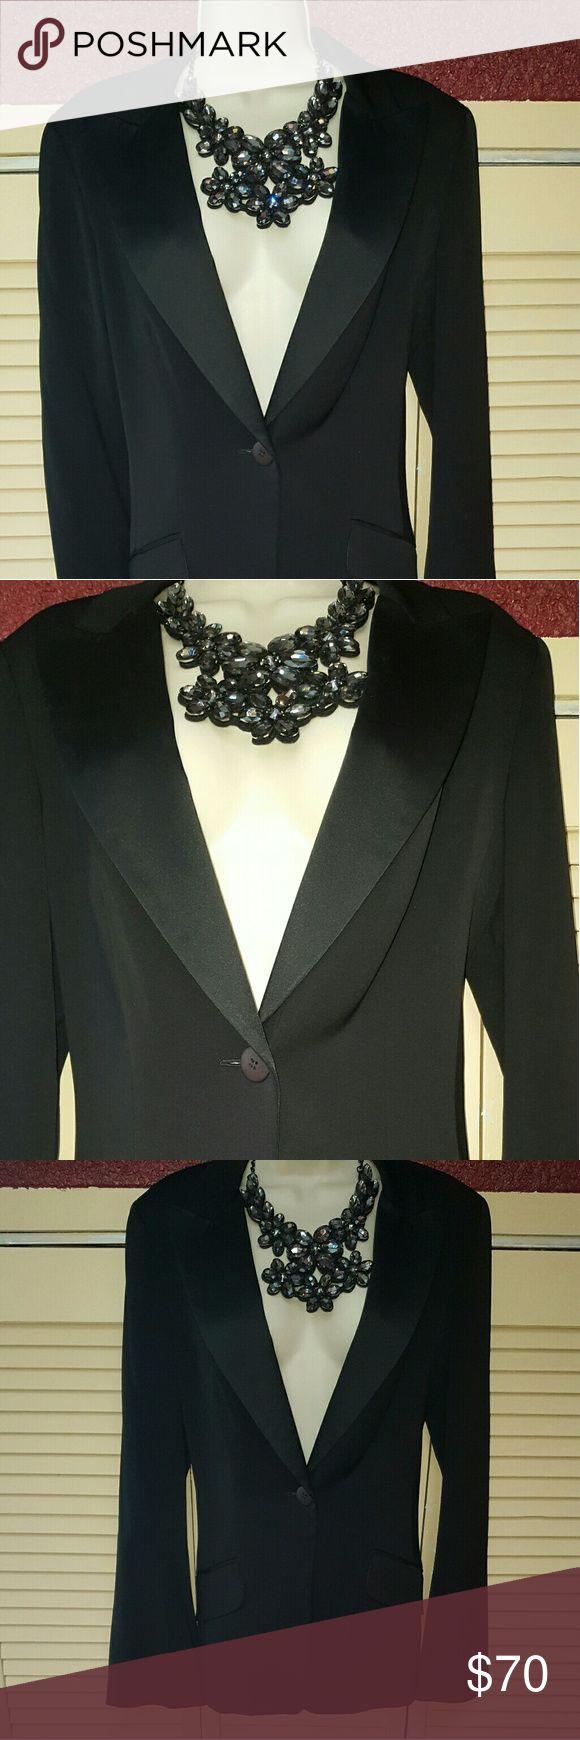 SALE $40 NWOT David Meister Evening Tuxedo Jacket Black size 10 tuxedo jacket feminine cut  satin lapels and satin piping. Sophistication and style David Meister Jackets & Coats Blazers